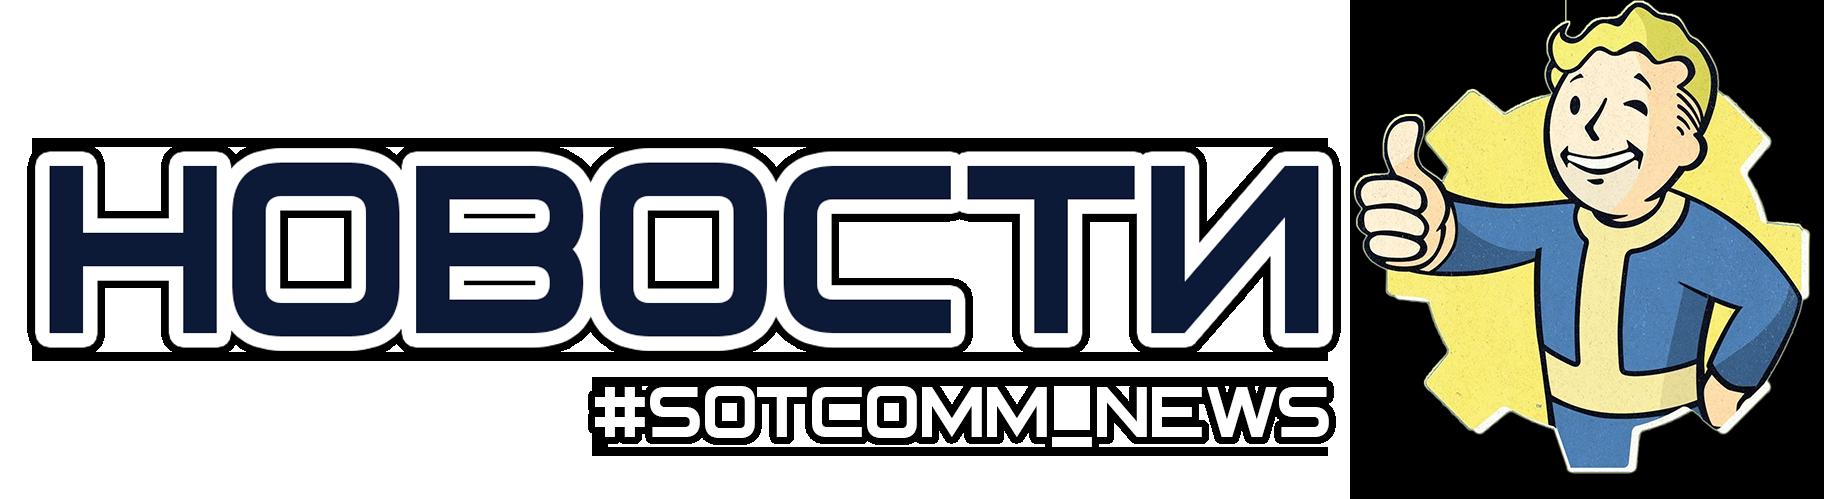 sotcomm_novosti_logo